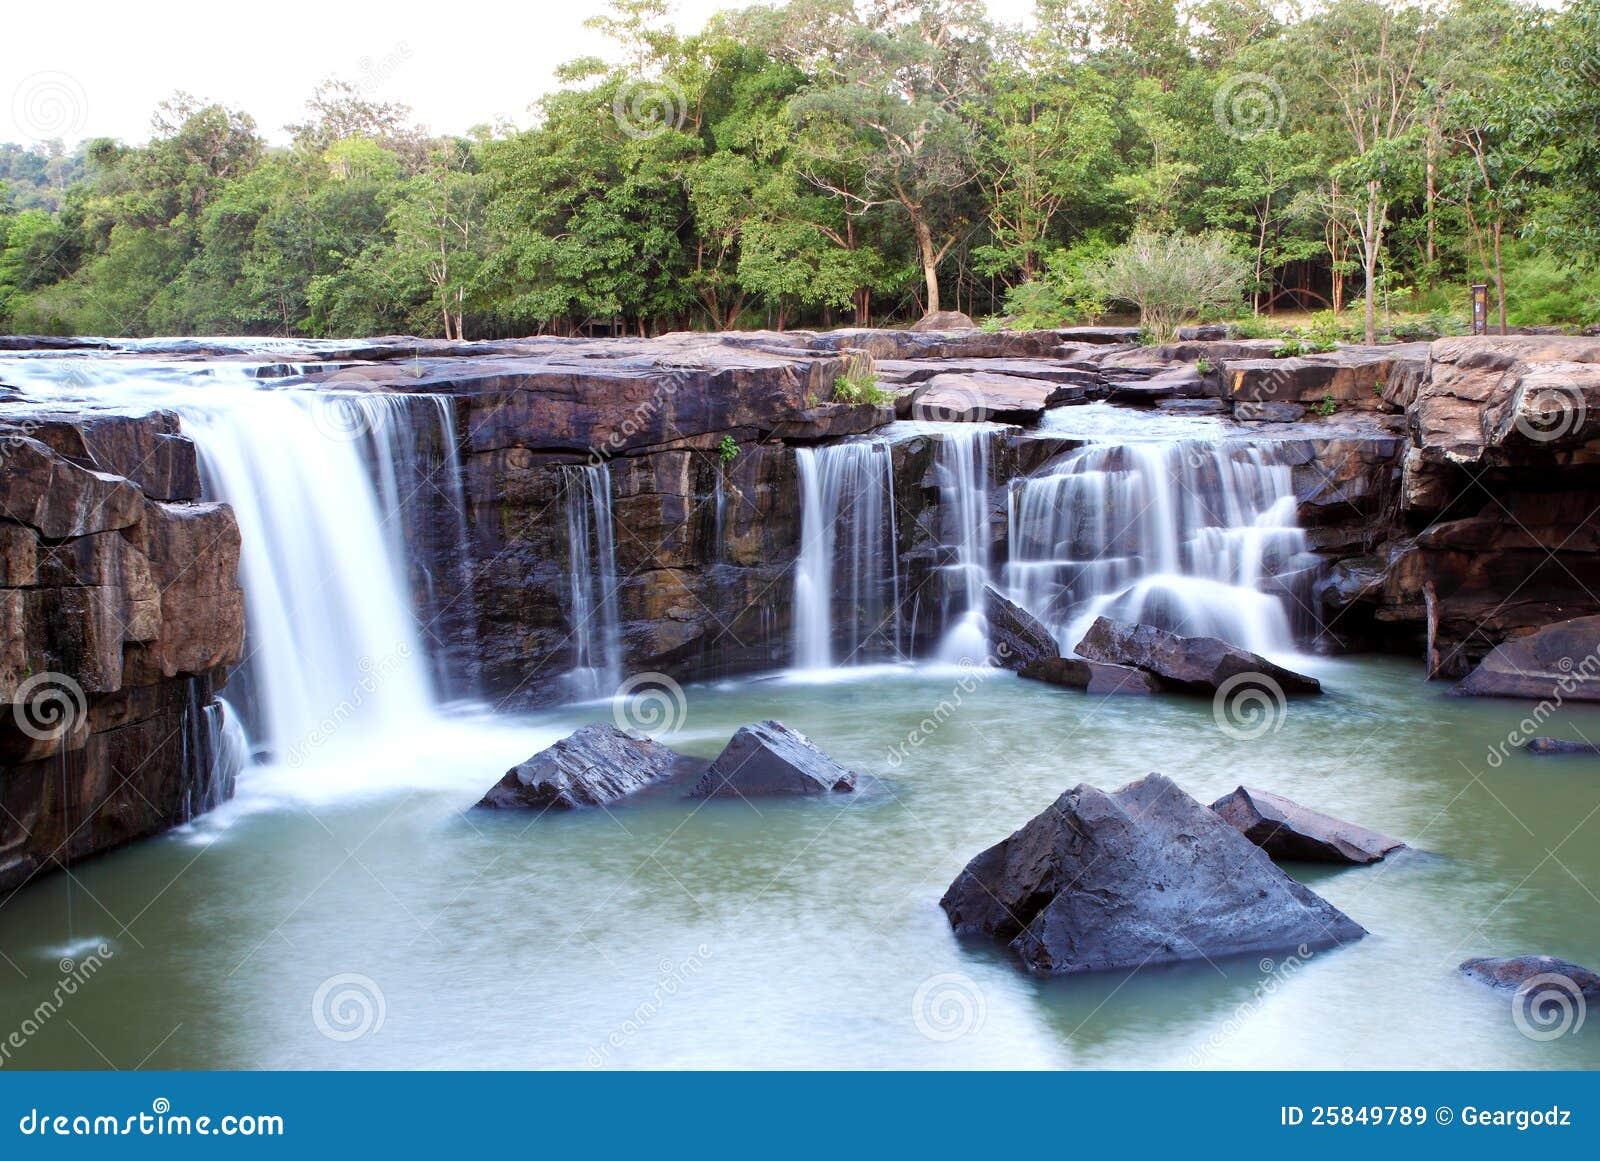 瀑布Tadtone在泰国的气候森林里